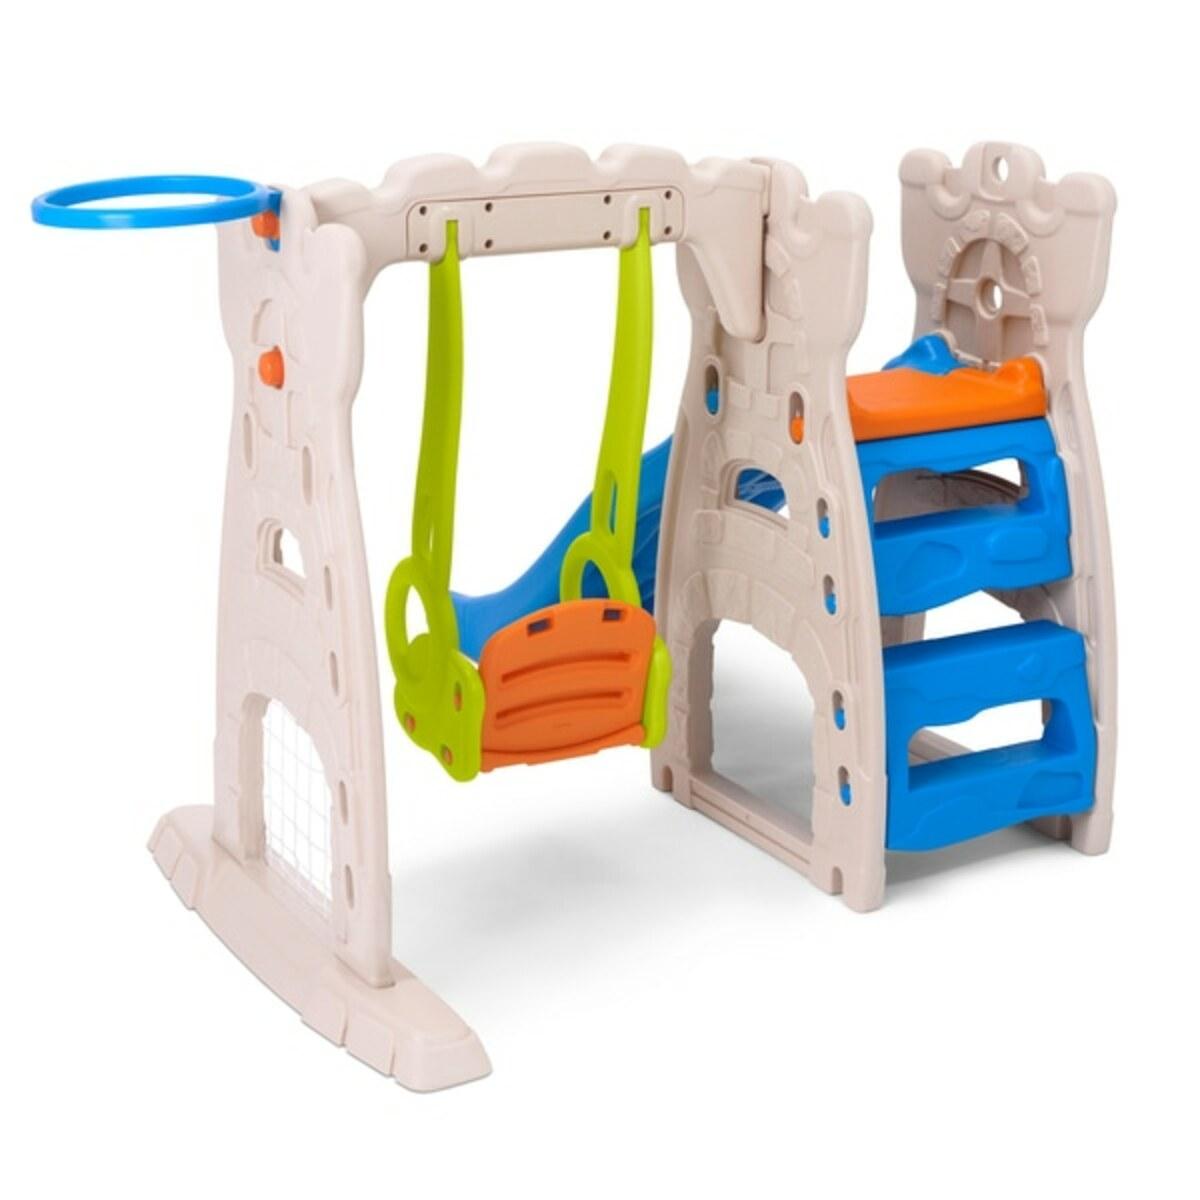 Bild 5 von Grow´n Up - Scramble N Slide Playcenter mit Rutsche